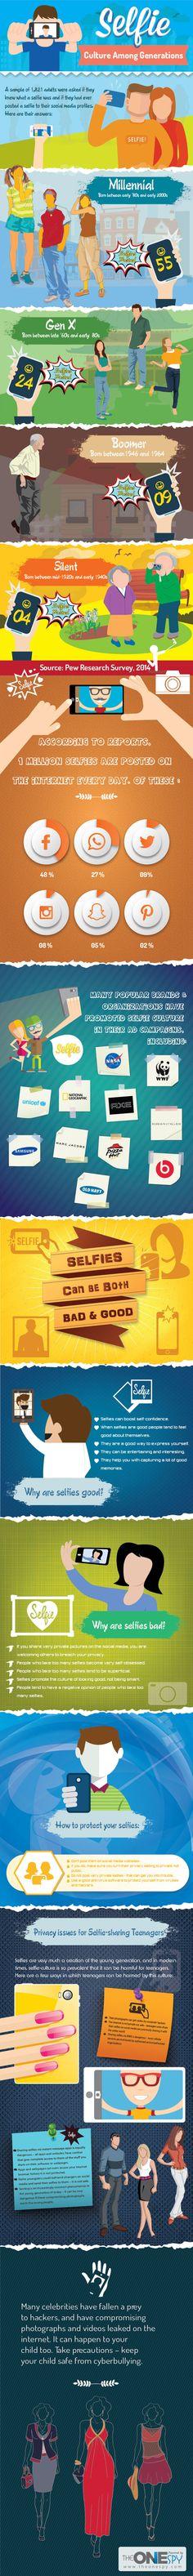 Il selfie è diventato parte integrante della nostra cultura digitale. Per i più giovani invece è qualcosa che è sempre esistito.